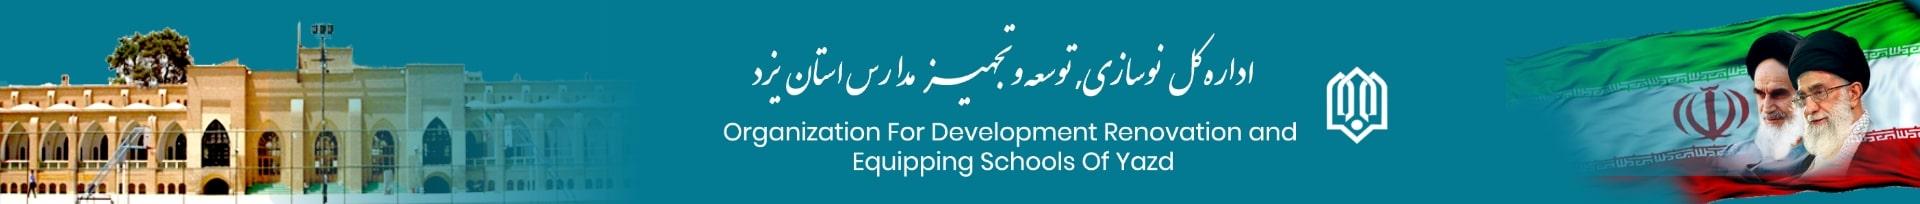 اداره کل نوسازی ، توسعه و تجهیز مدارس استان یزد